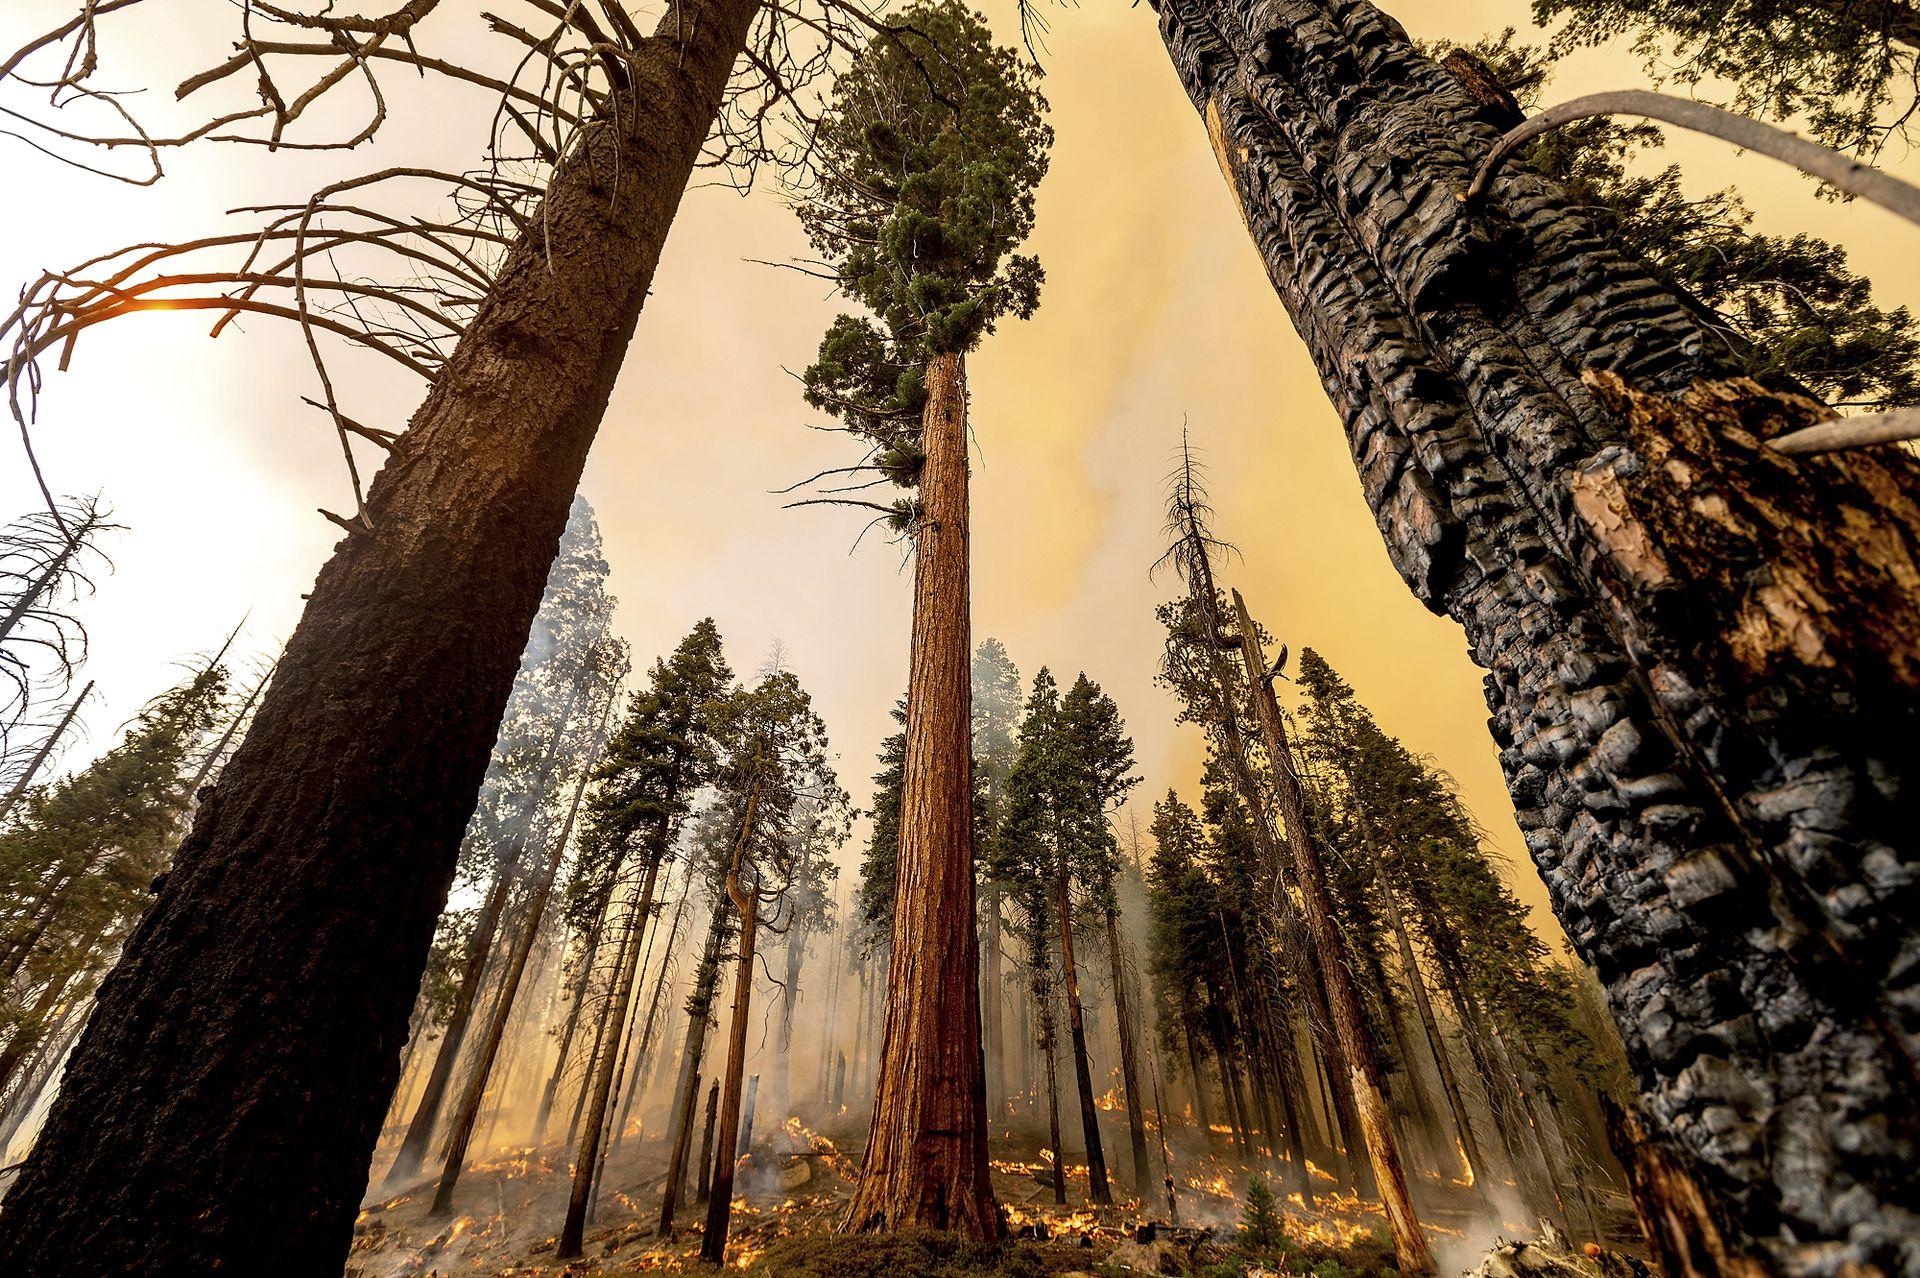 El fuego, que ya destruyó al menos dos secuoyas, se propaga rápidamente y los bomberos luchan para evitar un desastre